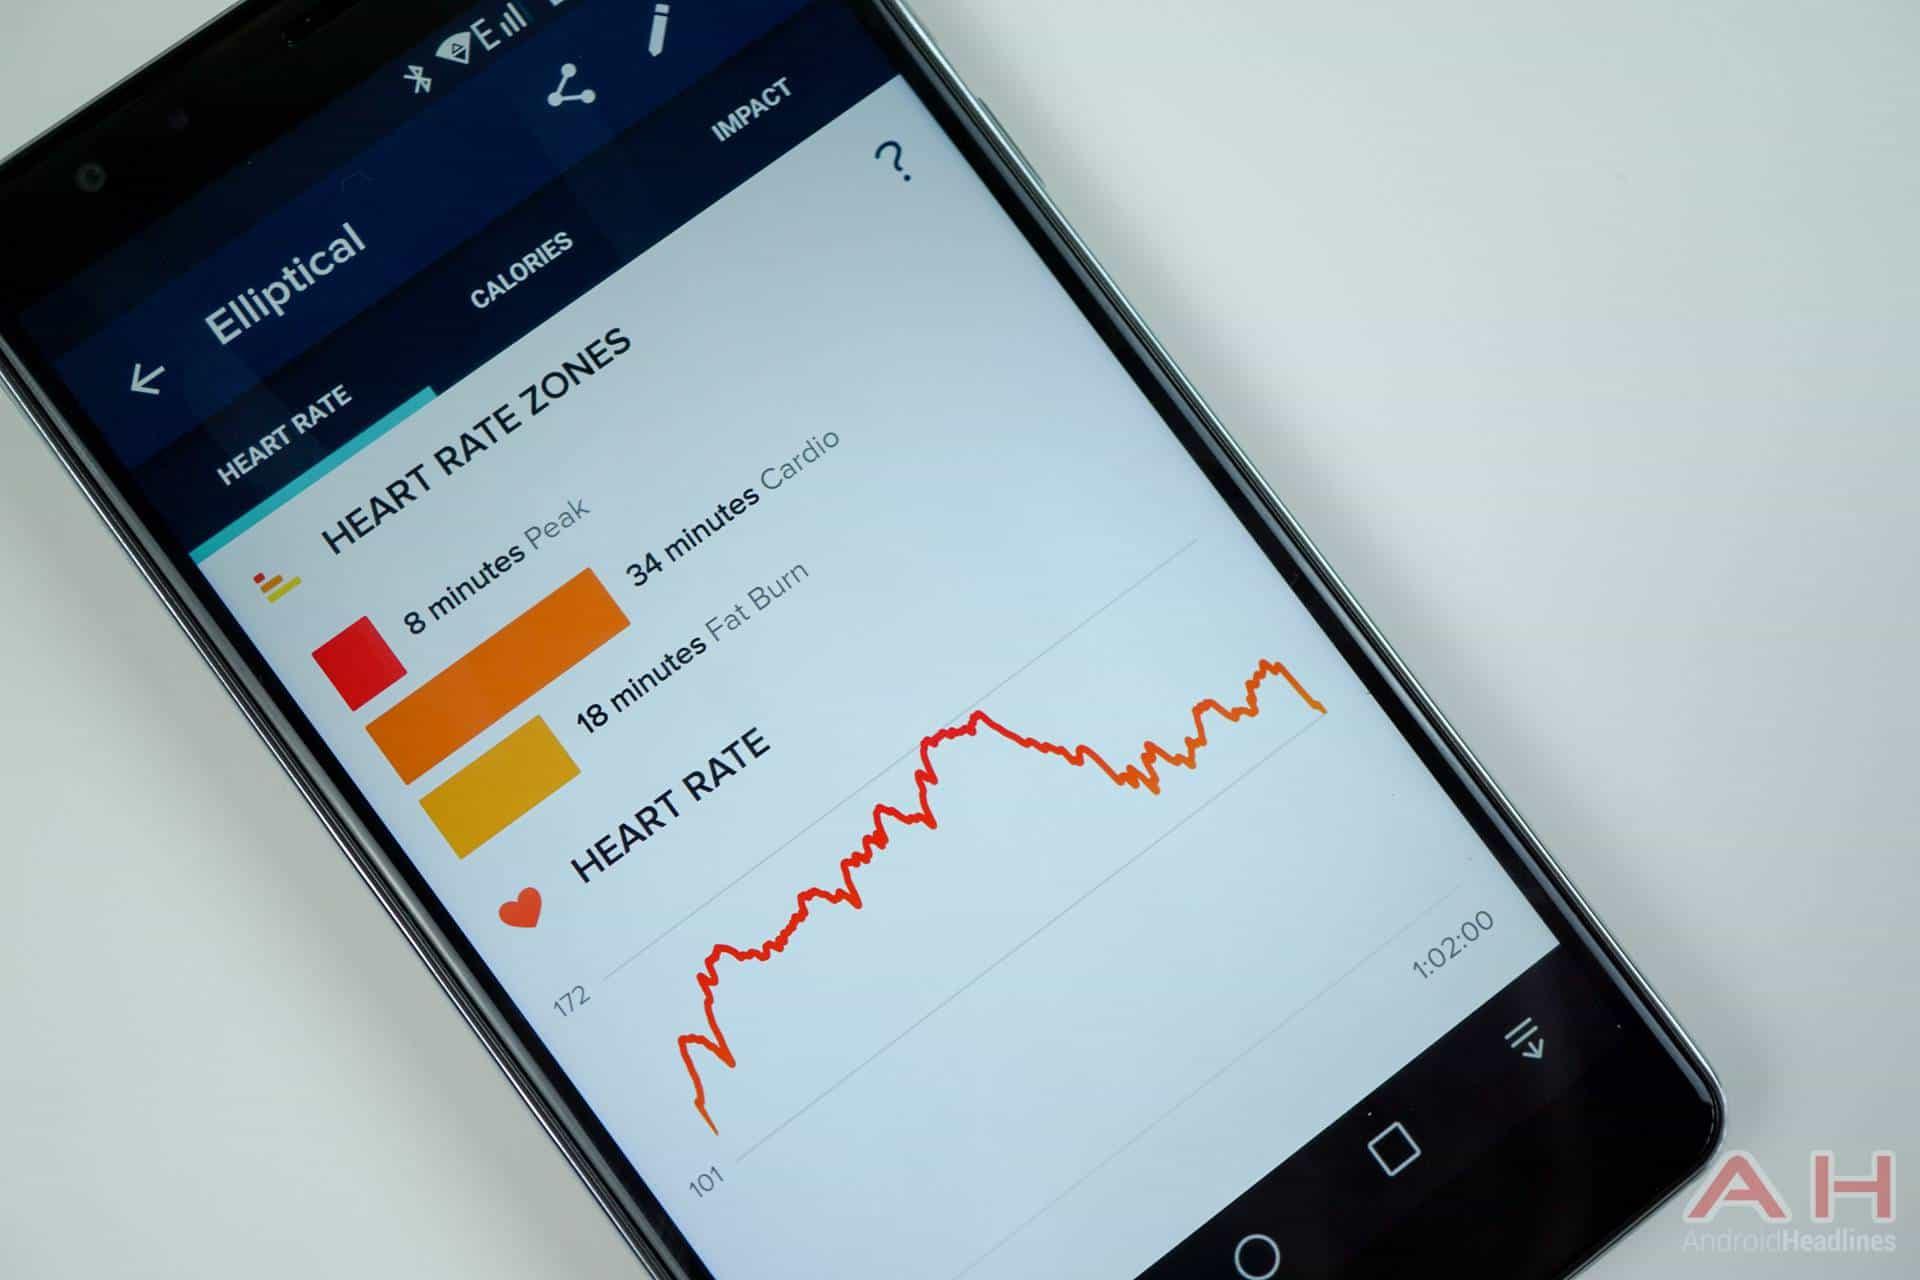 Fitbit-App-AH-1